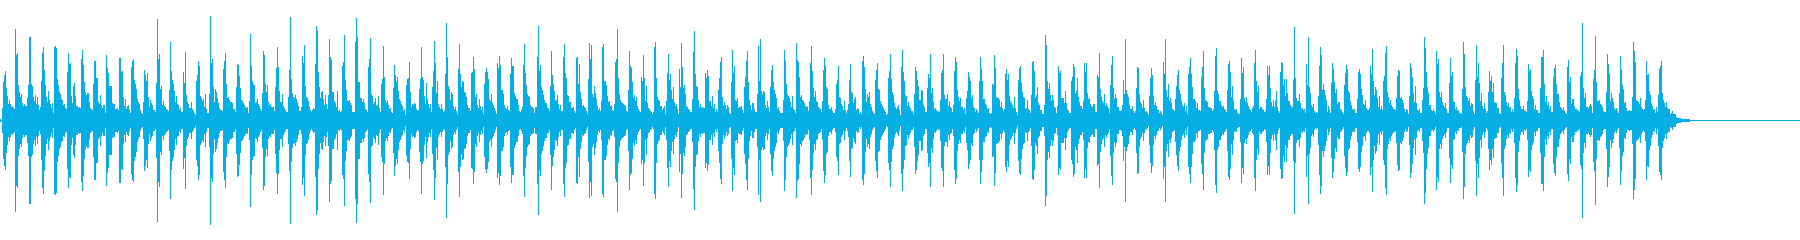 【クリスマス】サンタの鈴の音 90BPMの再生済みの波形